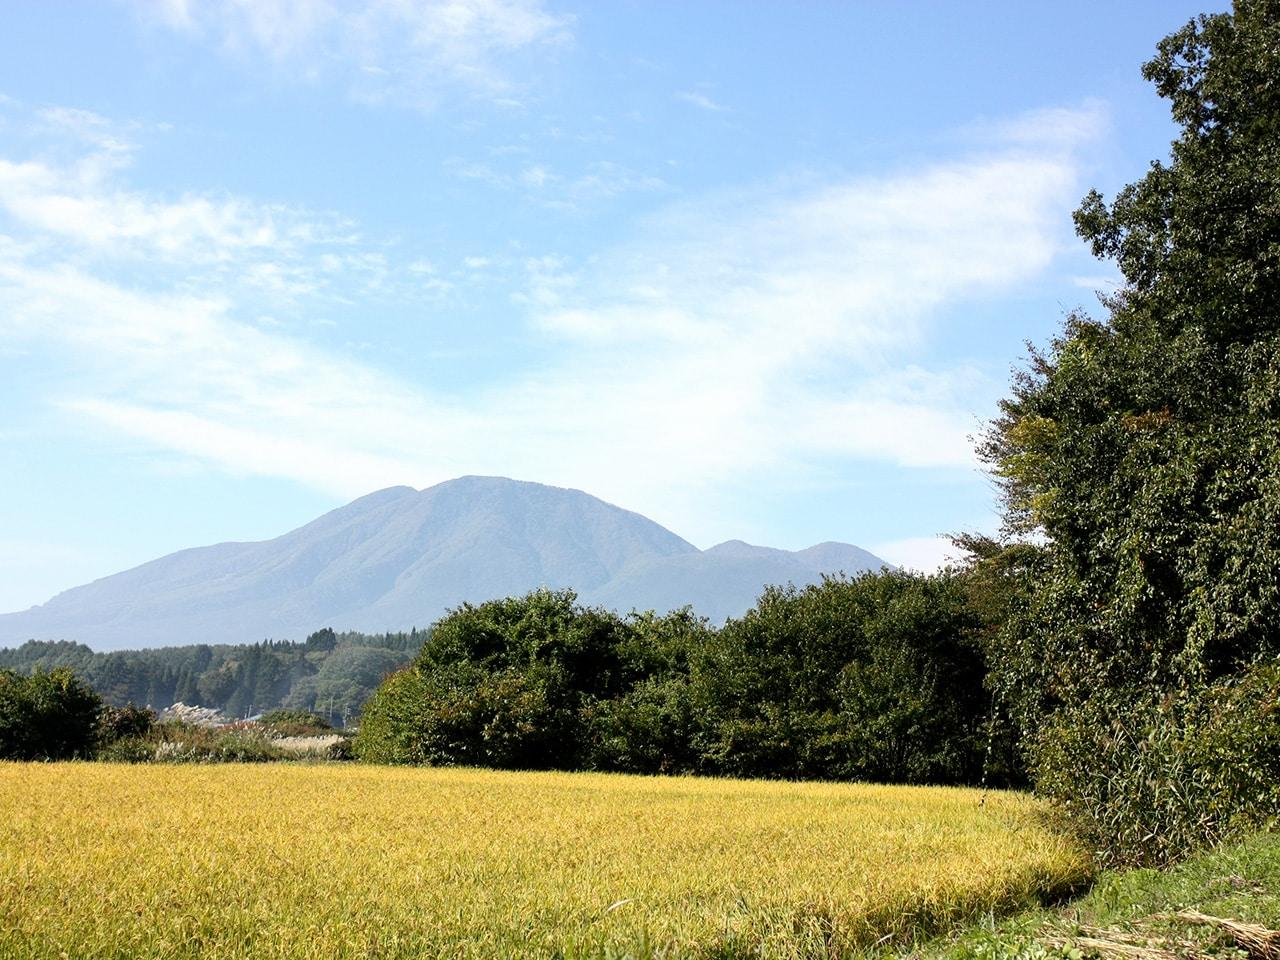 キービジュアル画像:激減する米産業の実態を知り、自らその現場に挑む